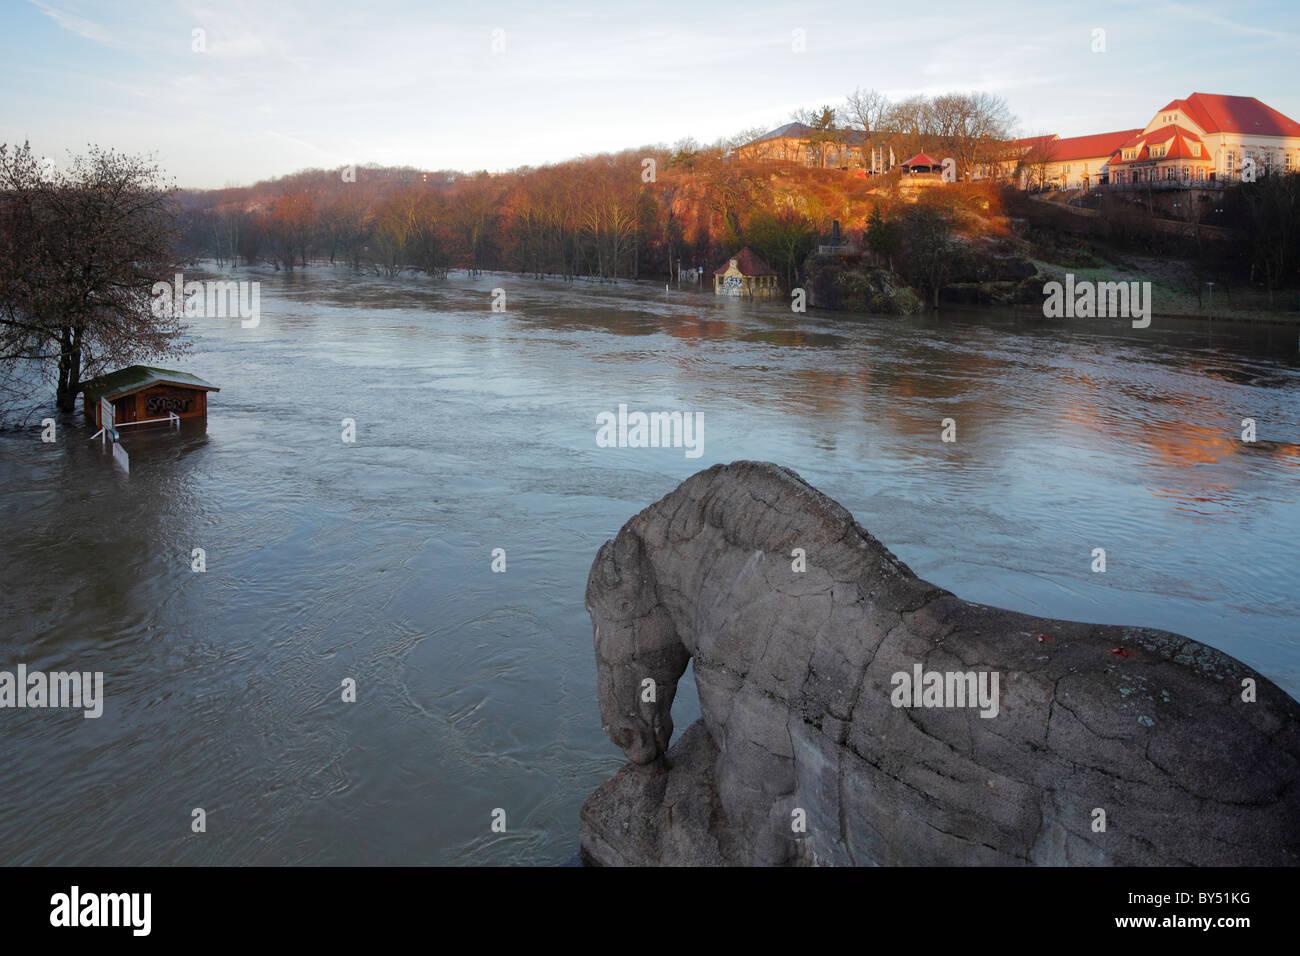 Hochwasser in Halle (Saale); Blick auf Amselgrund und Bergschenke; flood in Halle (Saale) 2011 - Stock Image